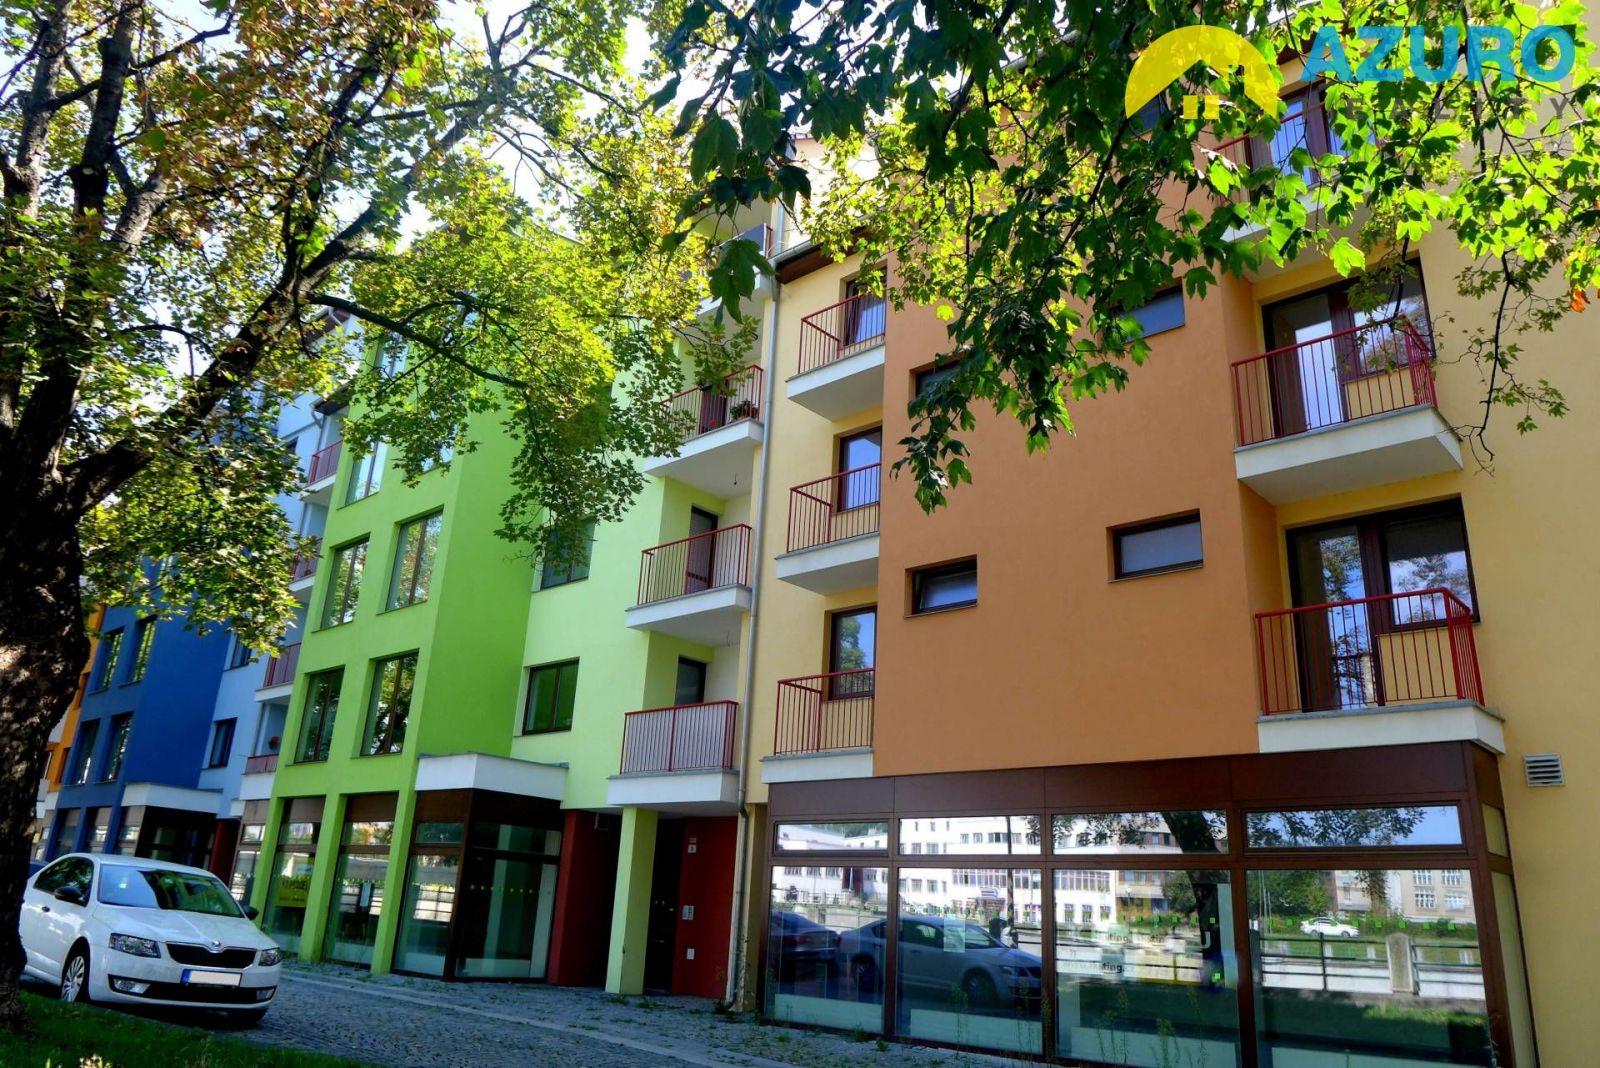 Pronájem nebytových prostor v novostavbě bytového domu na nábř. PFB v Přerově